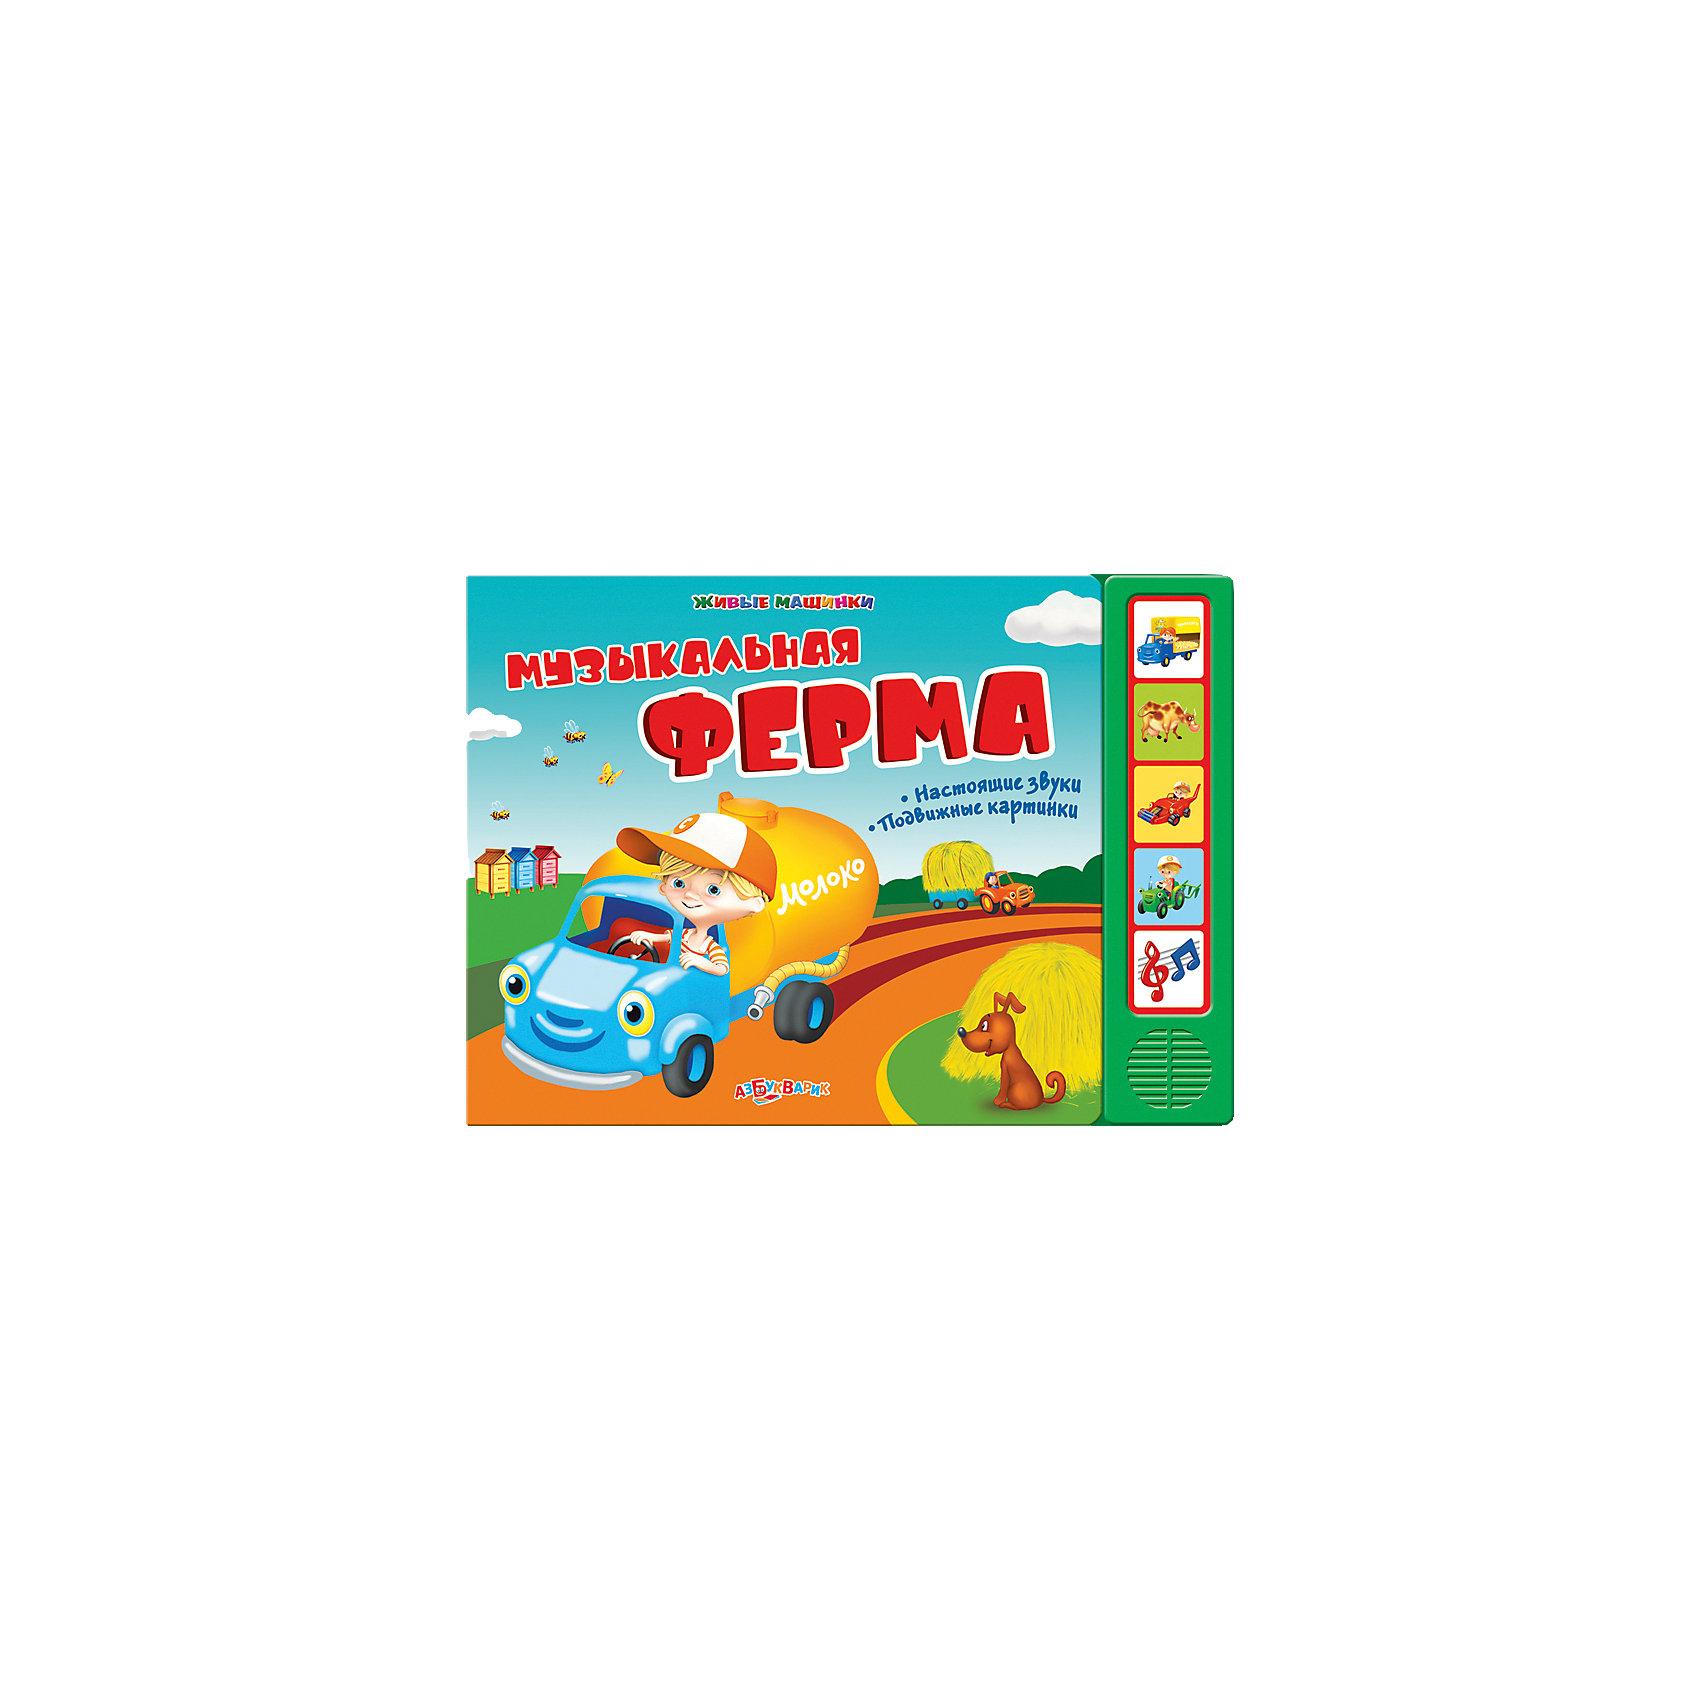 Азбукварик Книга с 5 кнопками Музыкальная ферма, Живые машинки battat музыкальная ферма 68680